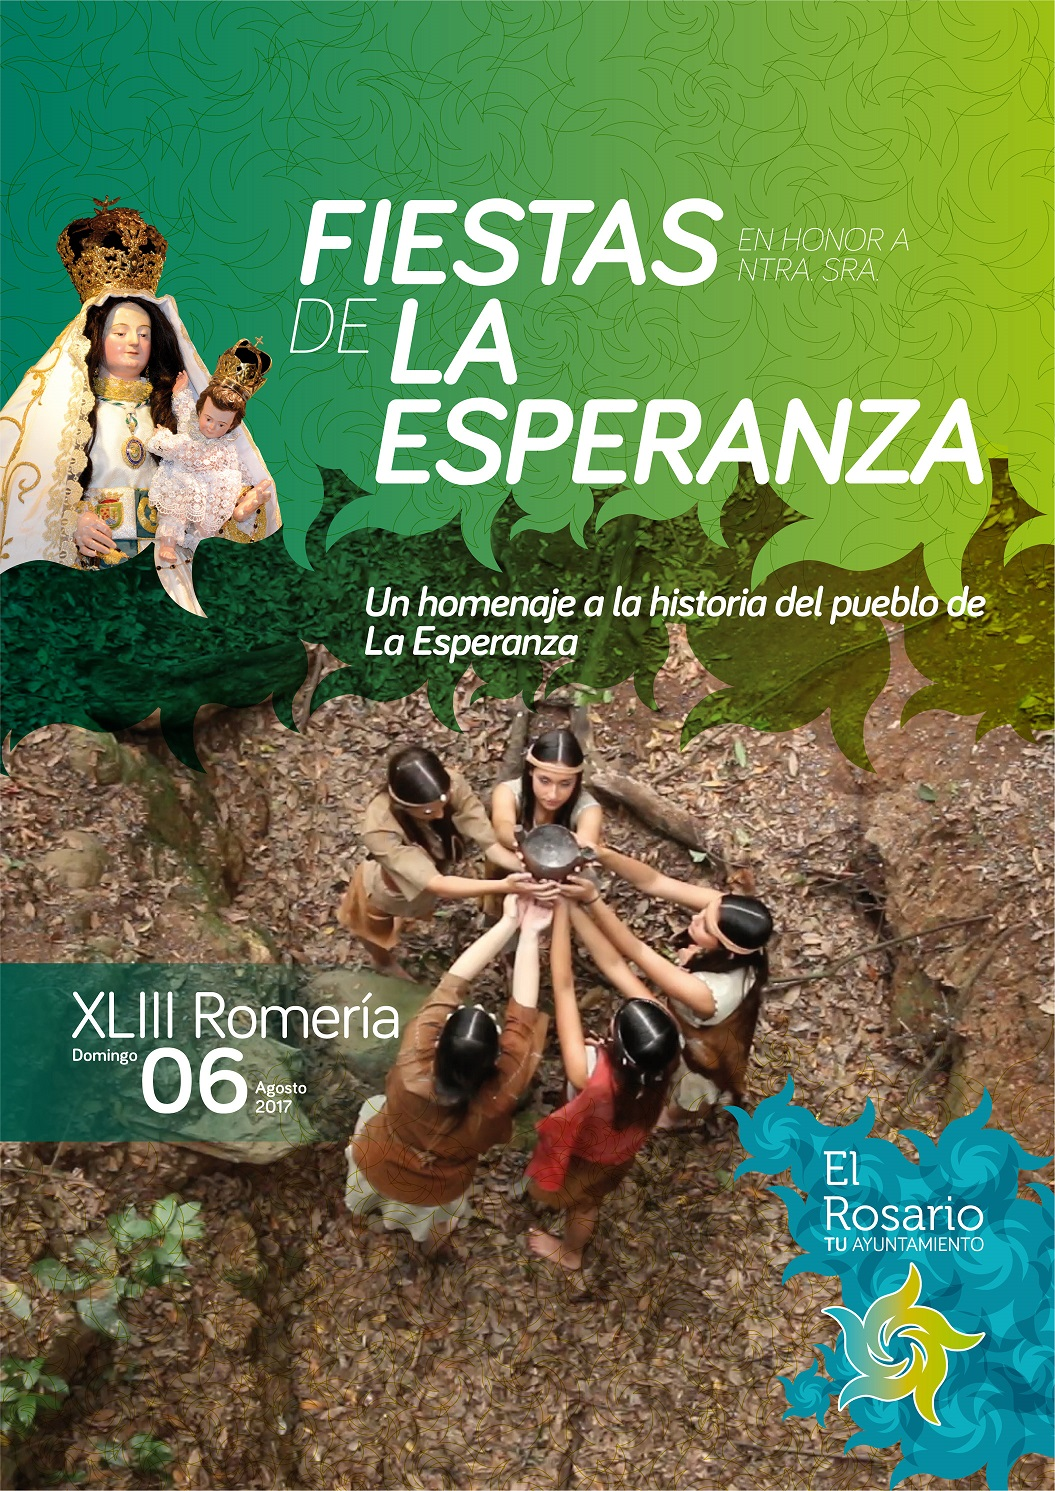 FIESTAS-LA-ESPERANZA-2017-CARTEL-01af-redes - copia